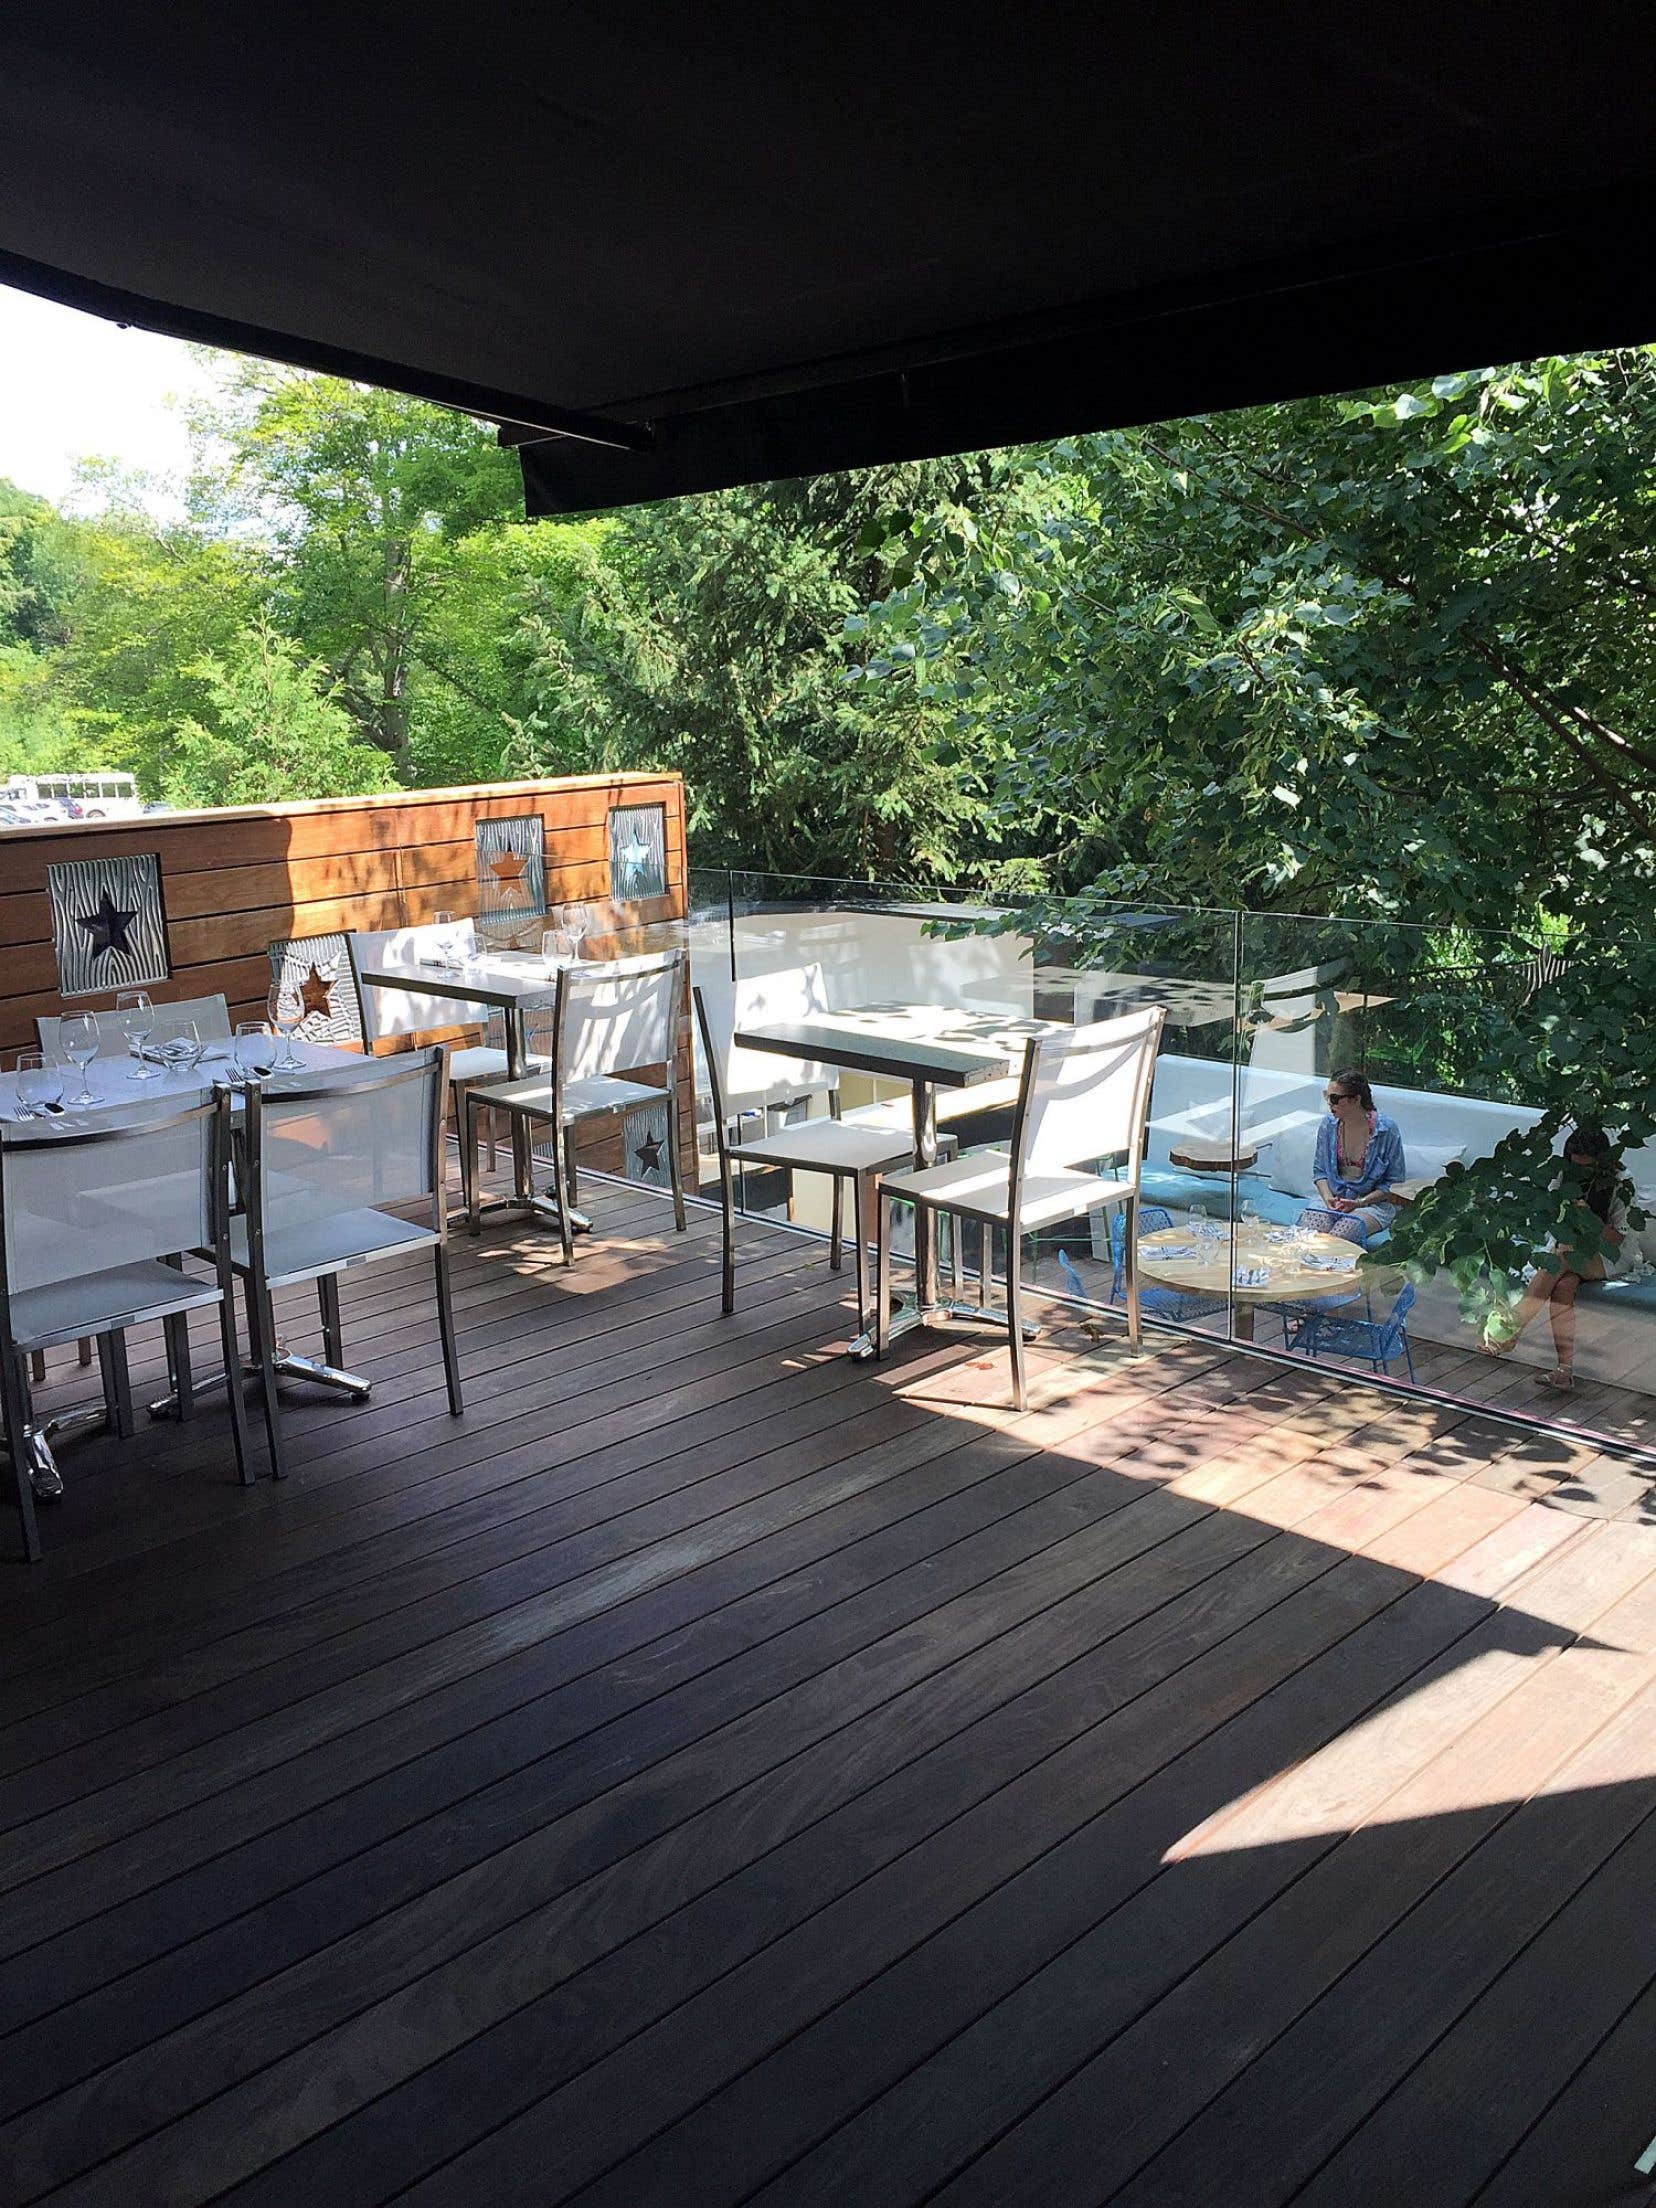 Le restaurant Lumami se trouve dans l'environnement très apaisant du spa Balnea, à Bromont.